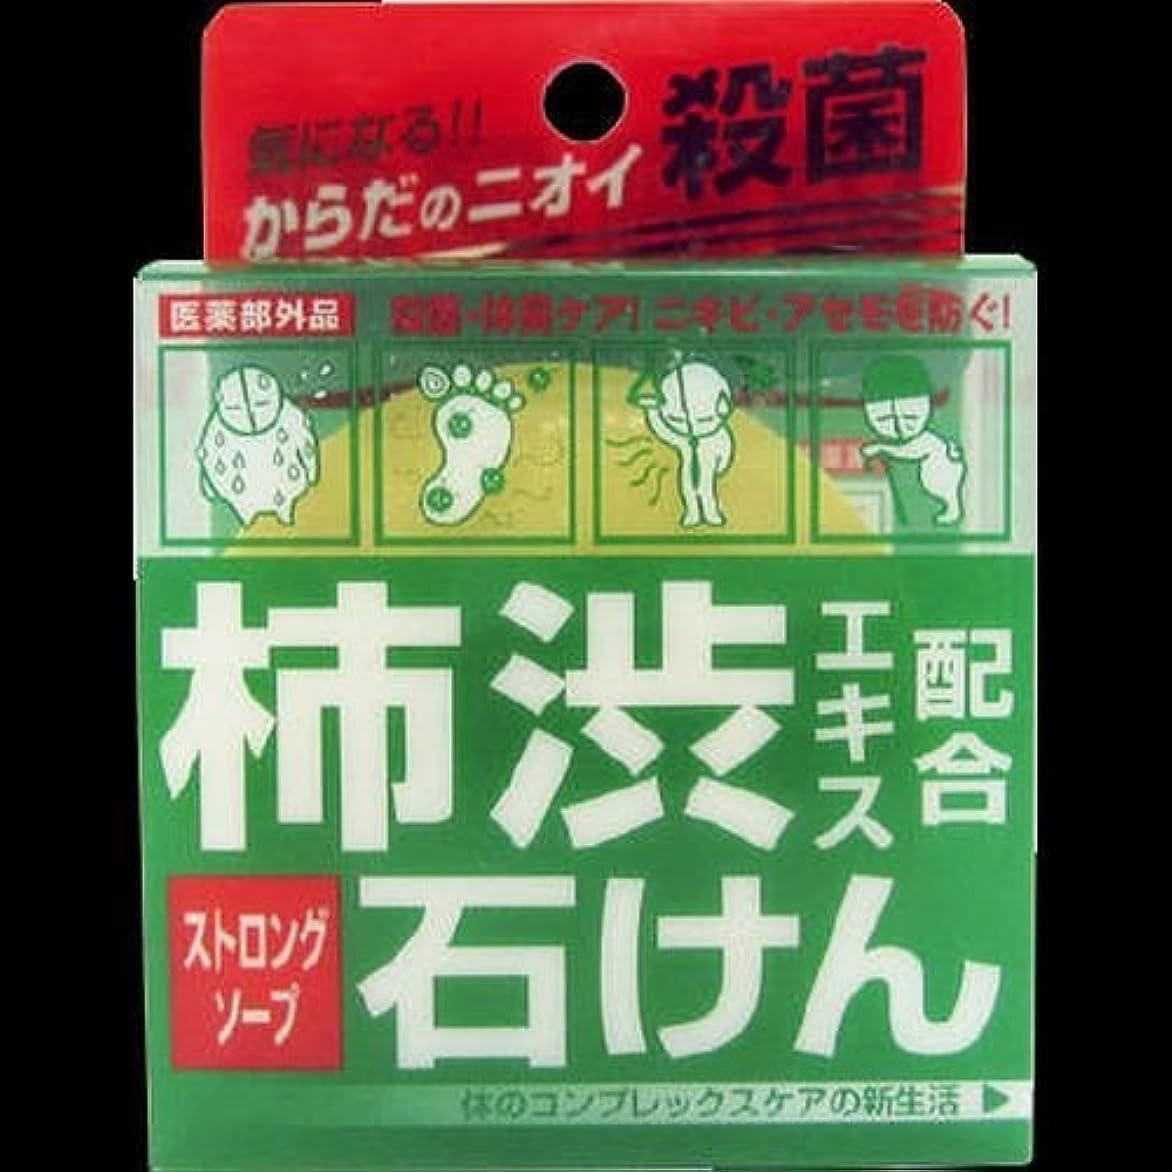 親愛なクリーナー錆びデオタンニングSTソープ ×2セット